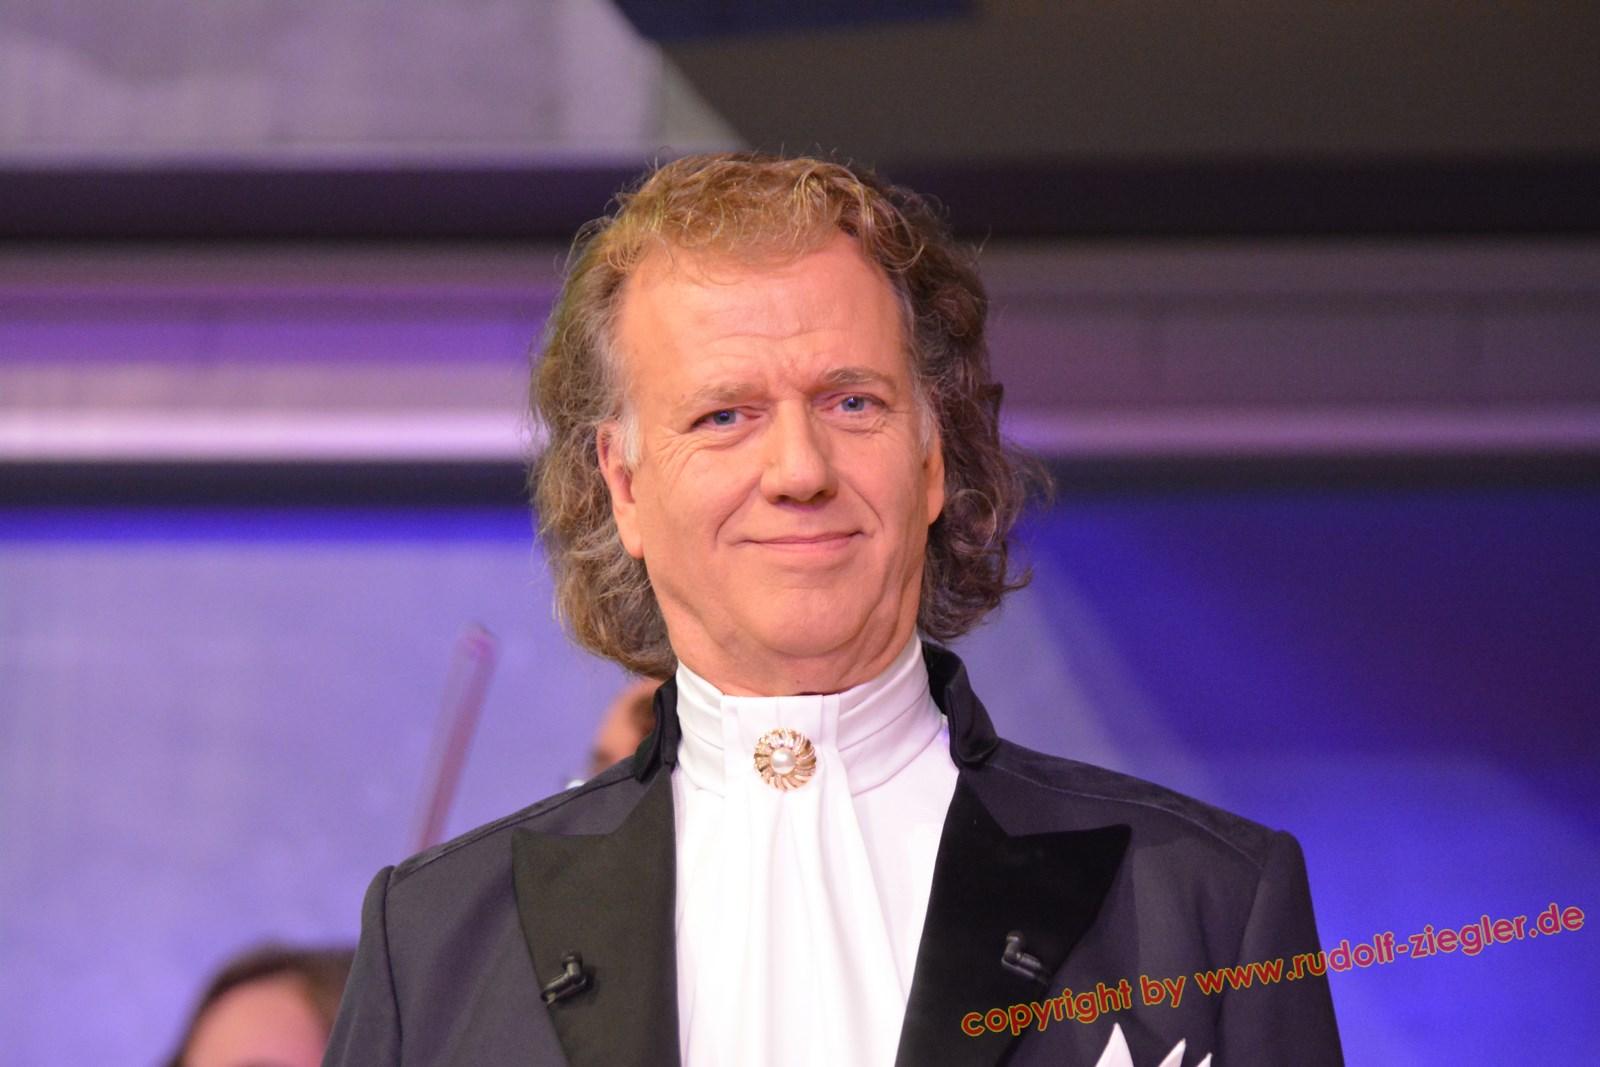 André Rieu in Zwickau 020 (1600x1200)